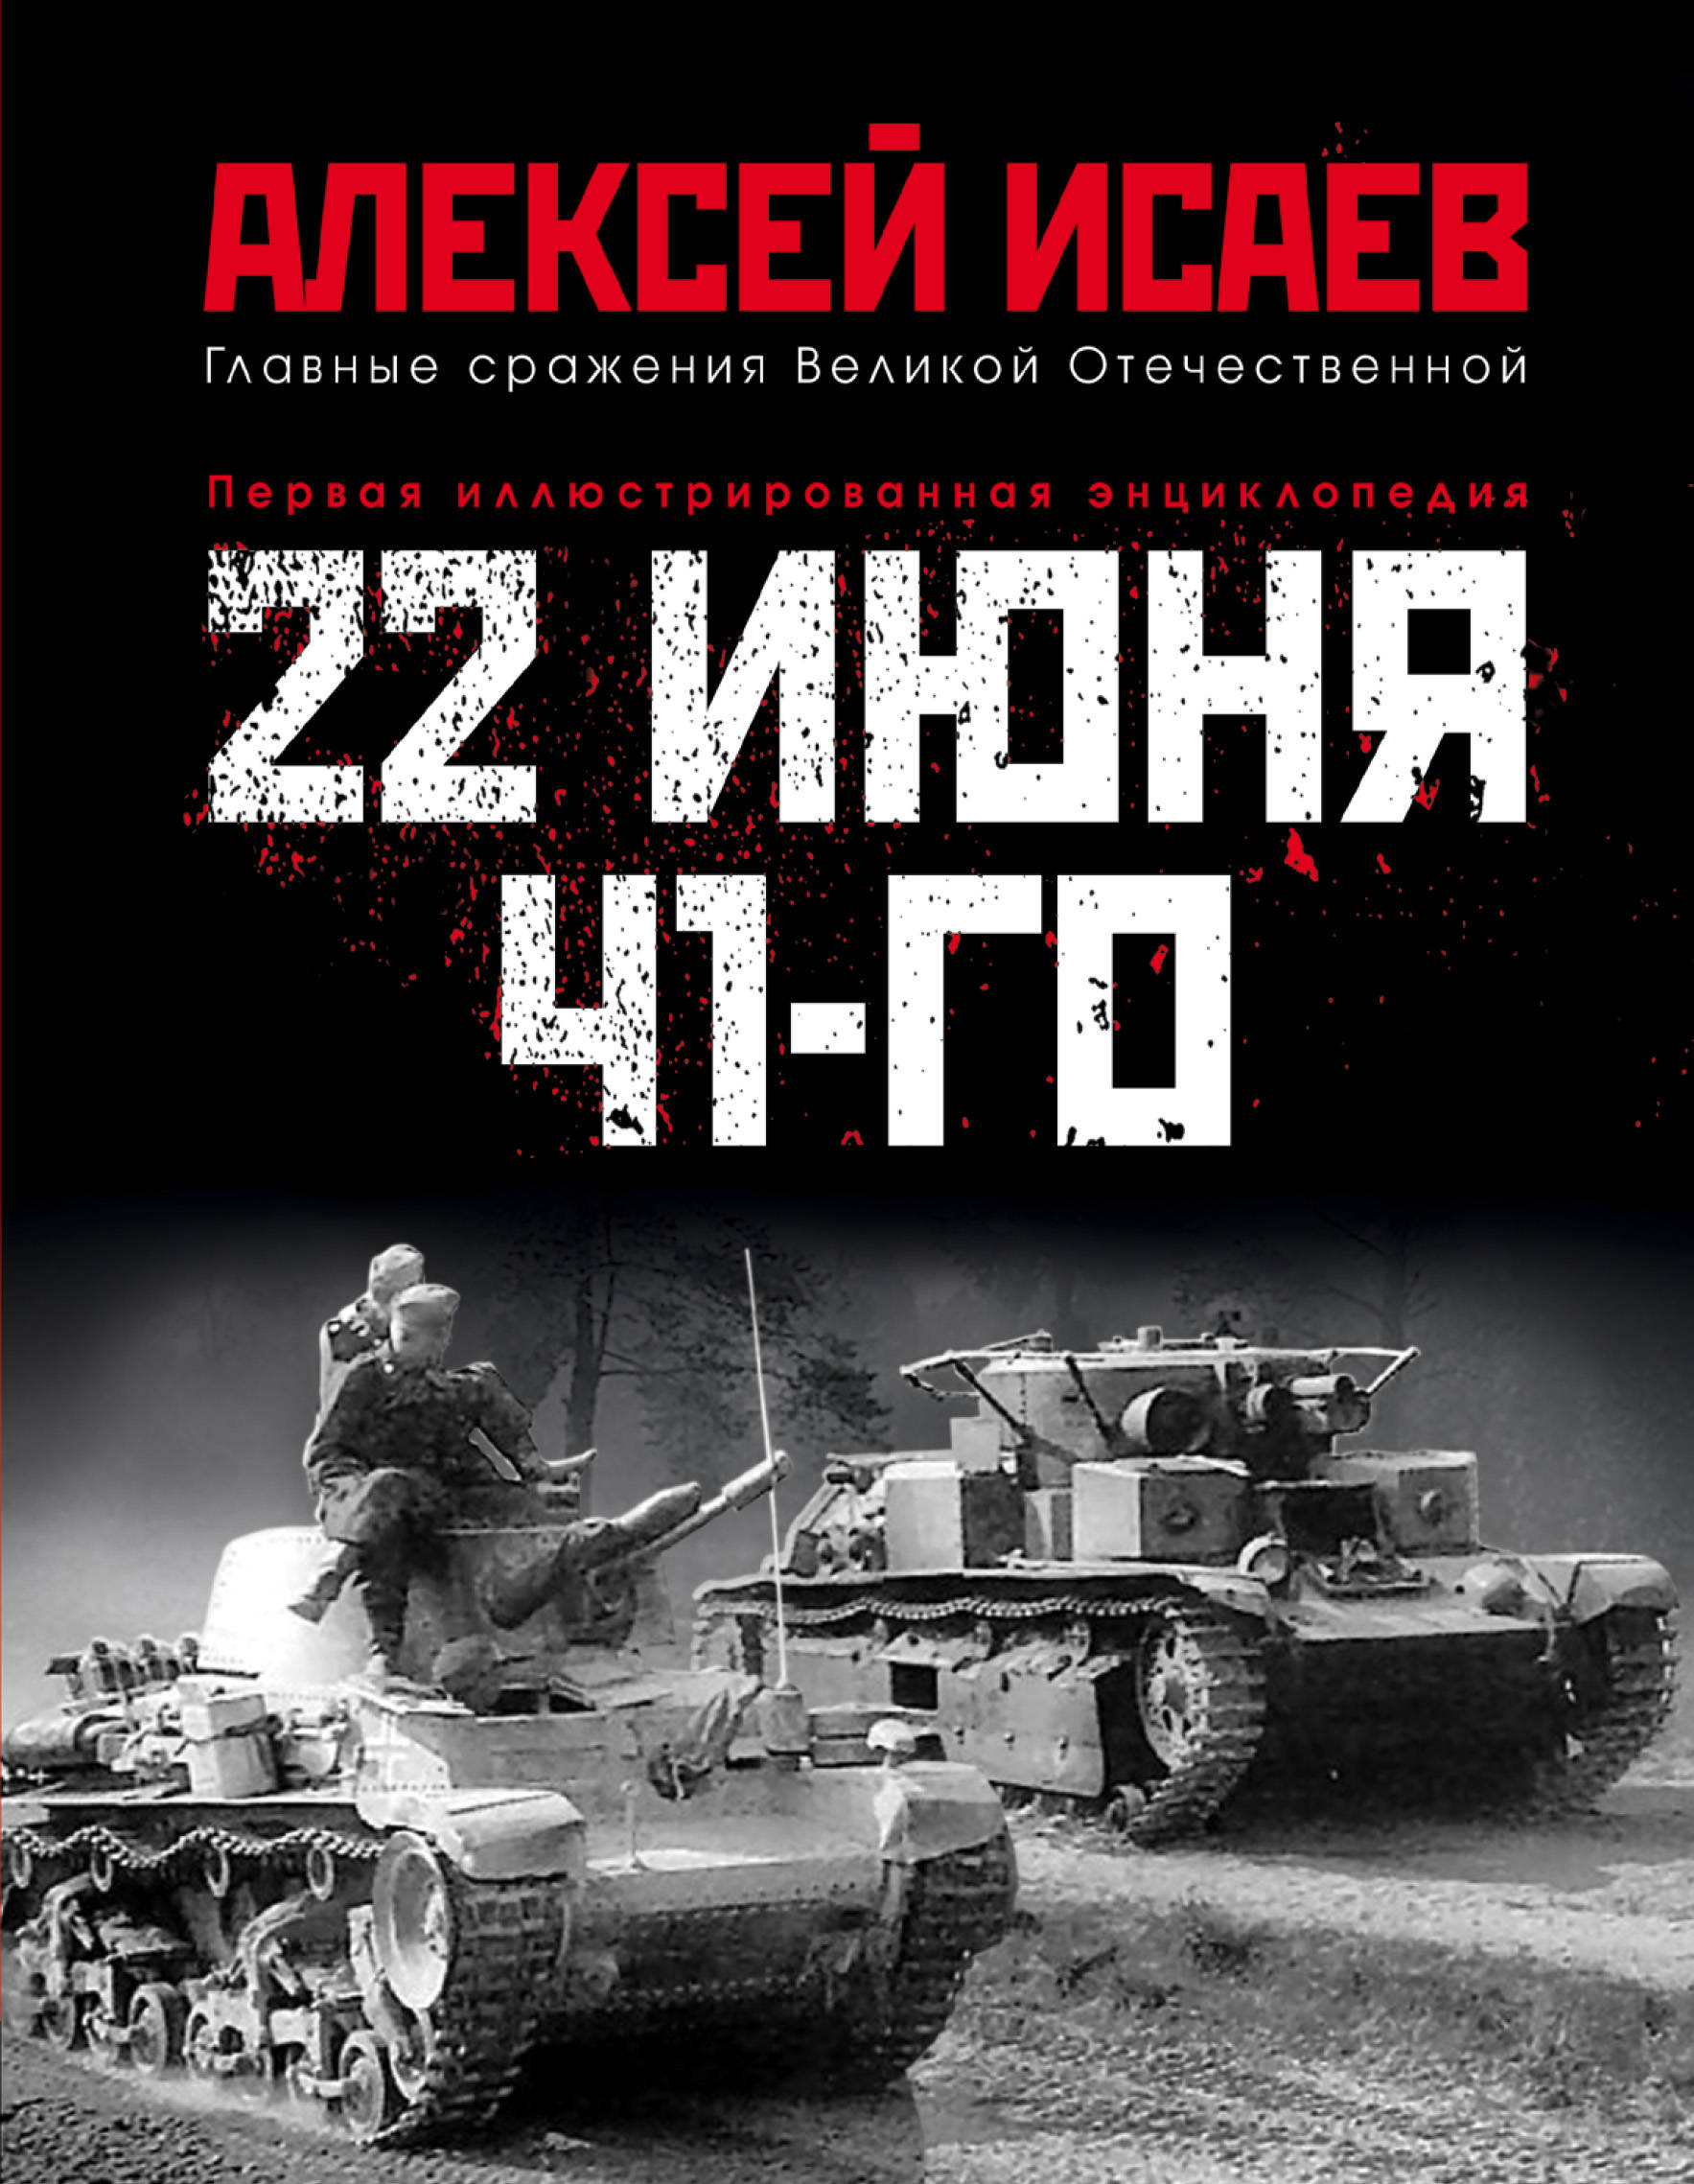 Исаев Алексей Валерьевич 22 июня 41-го: Первая иллюстрированная энциклопедия книги эксмо вторжение 22 июня 1941 года